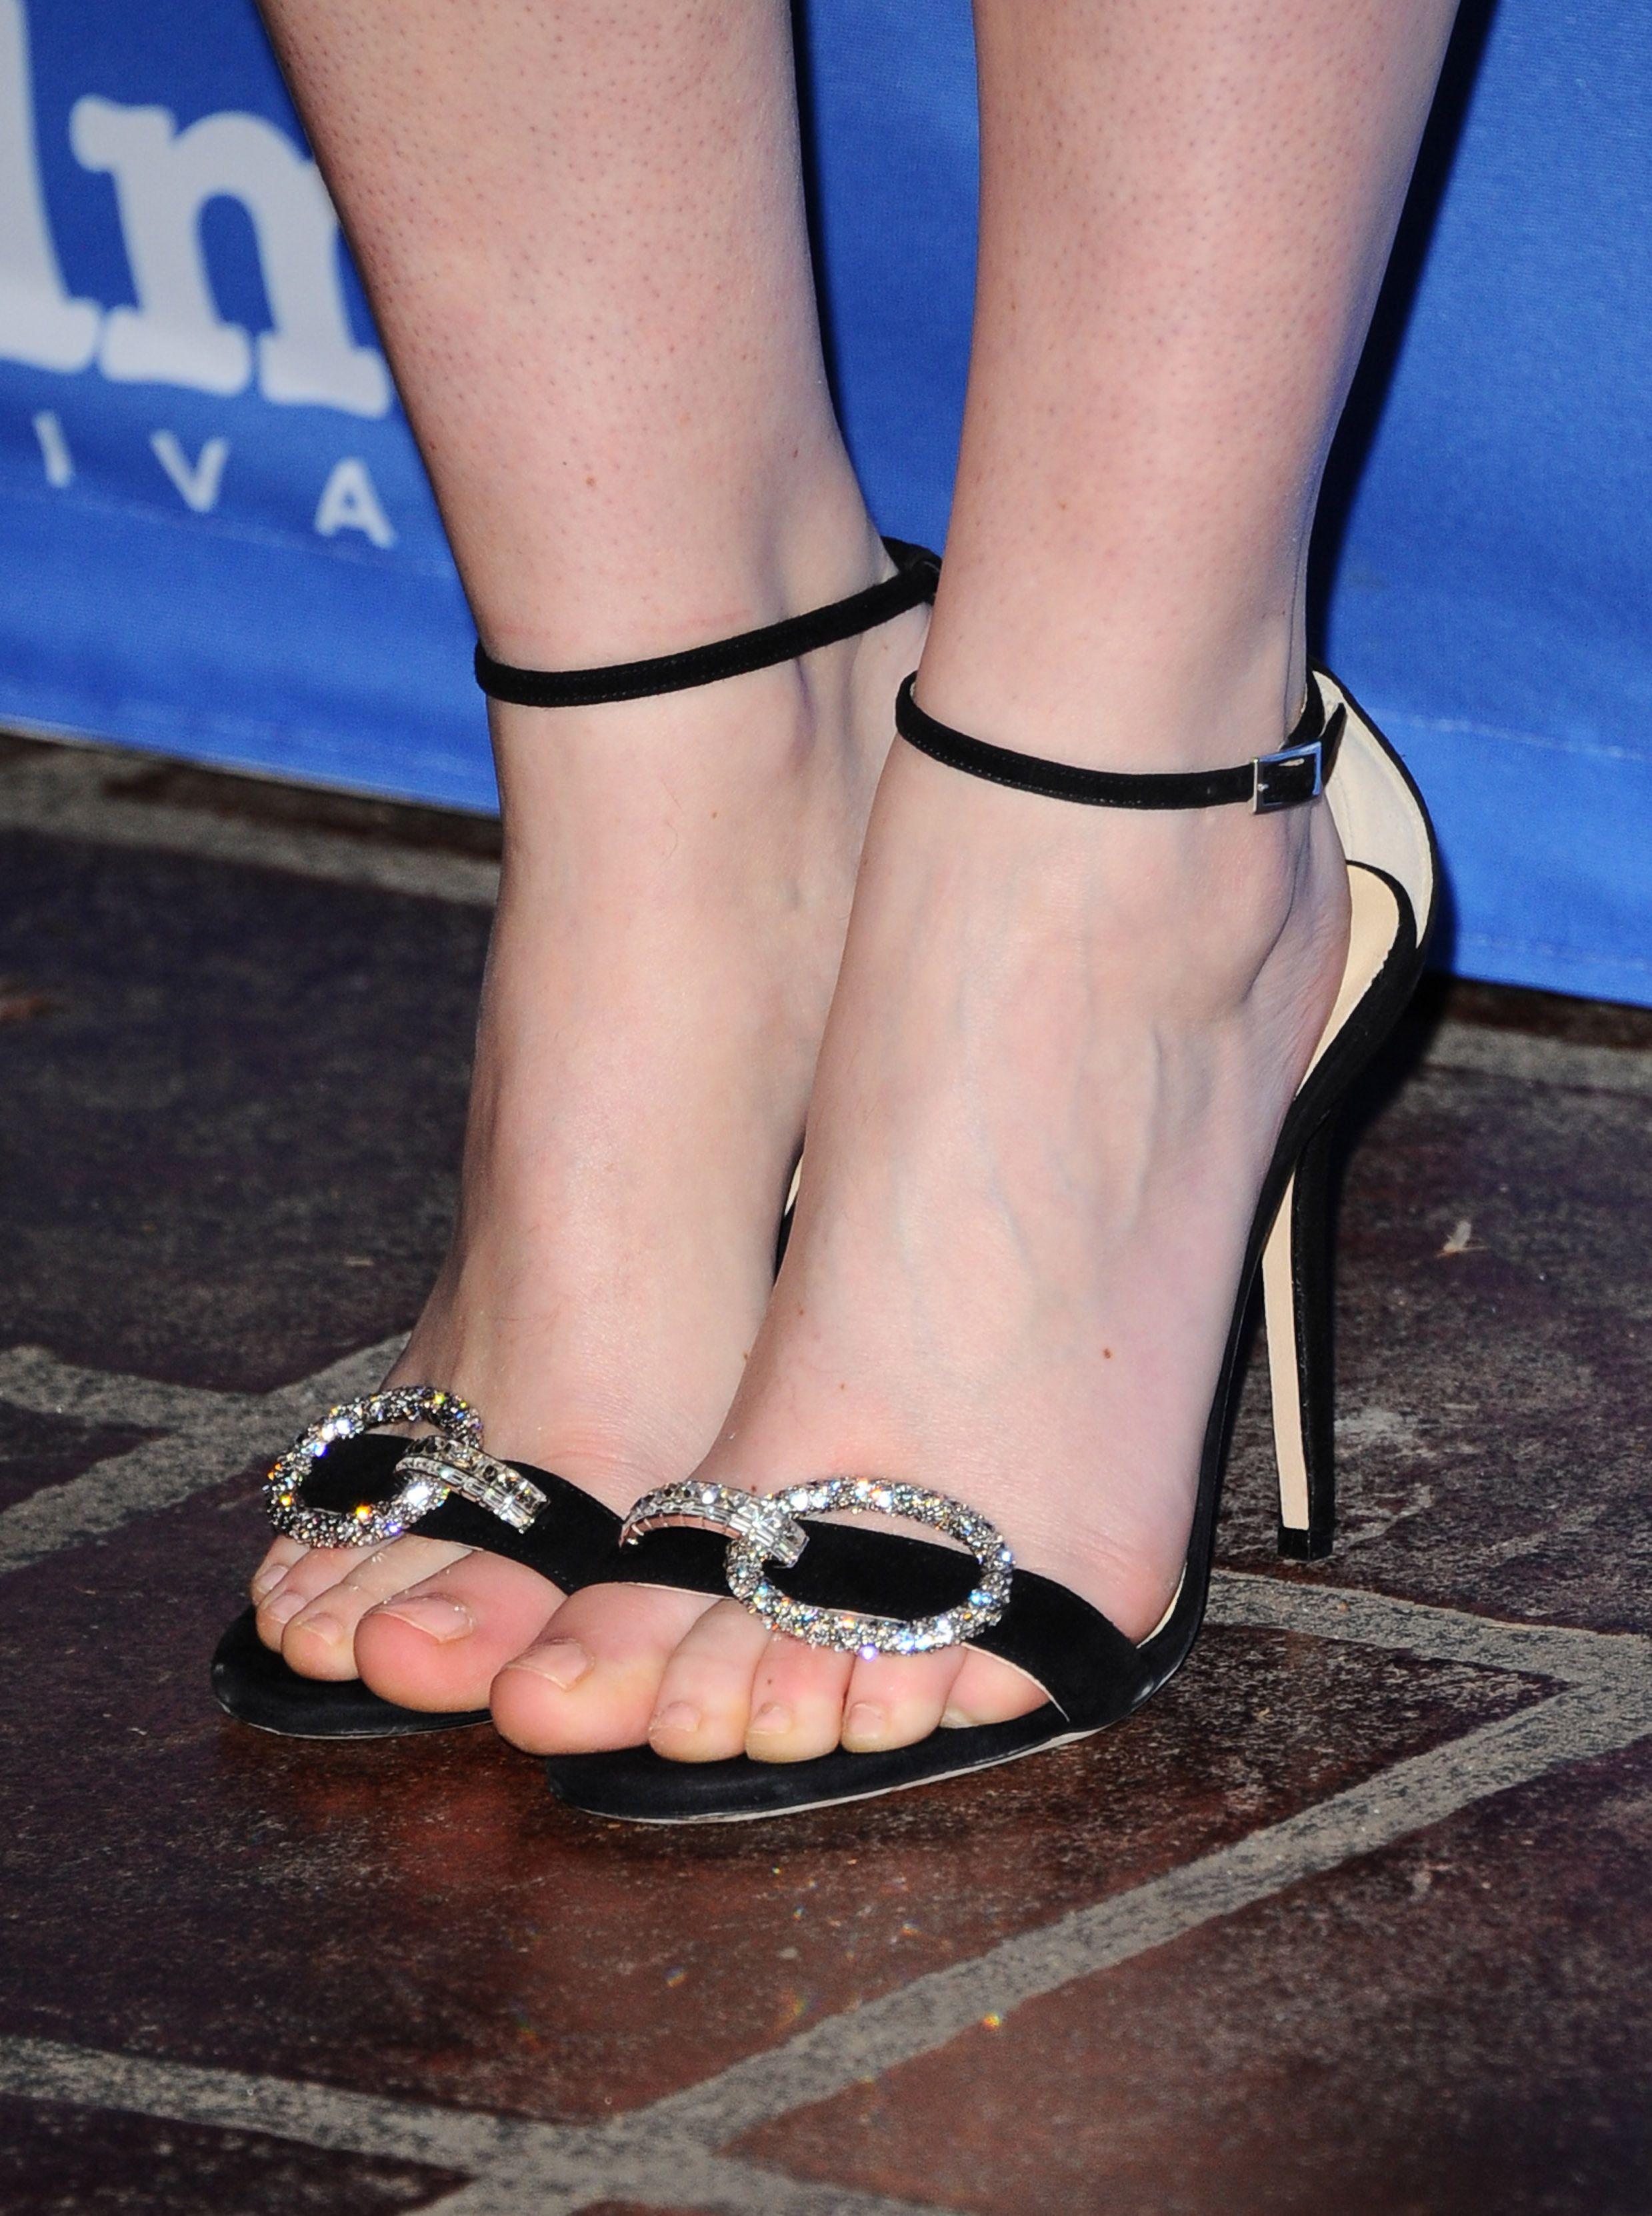 Felicity Jones's Feet